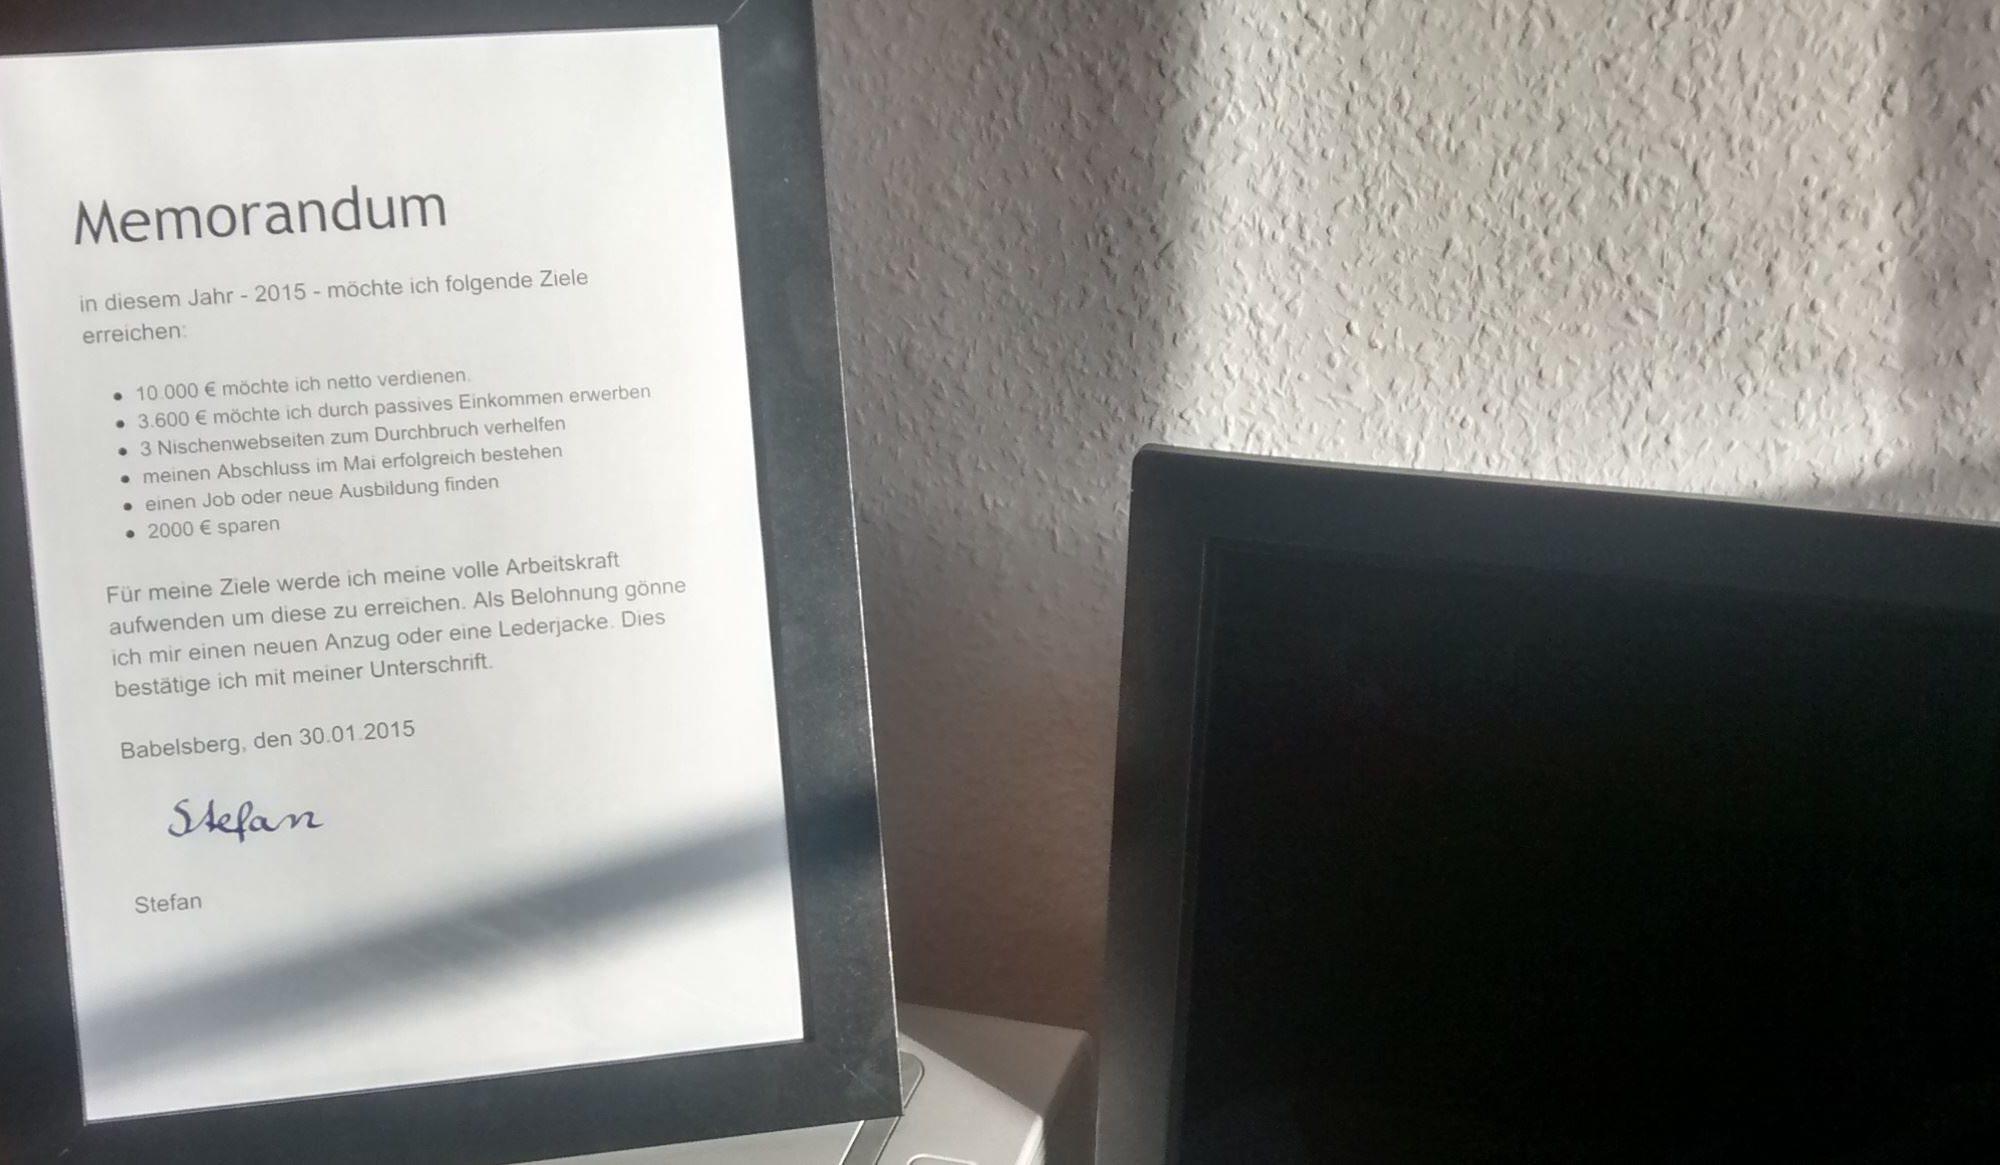 Neben meinem Bildschirm steht mein Memorandum